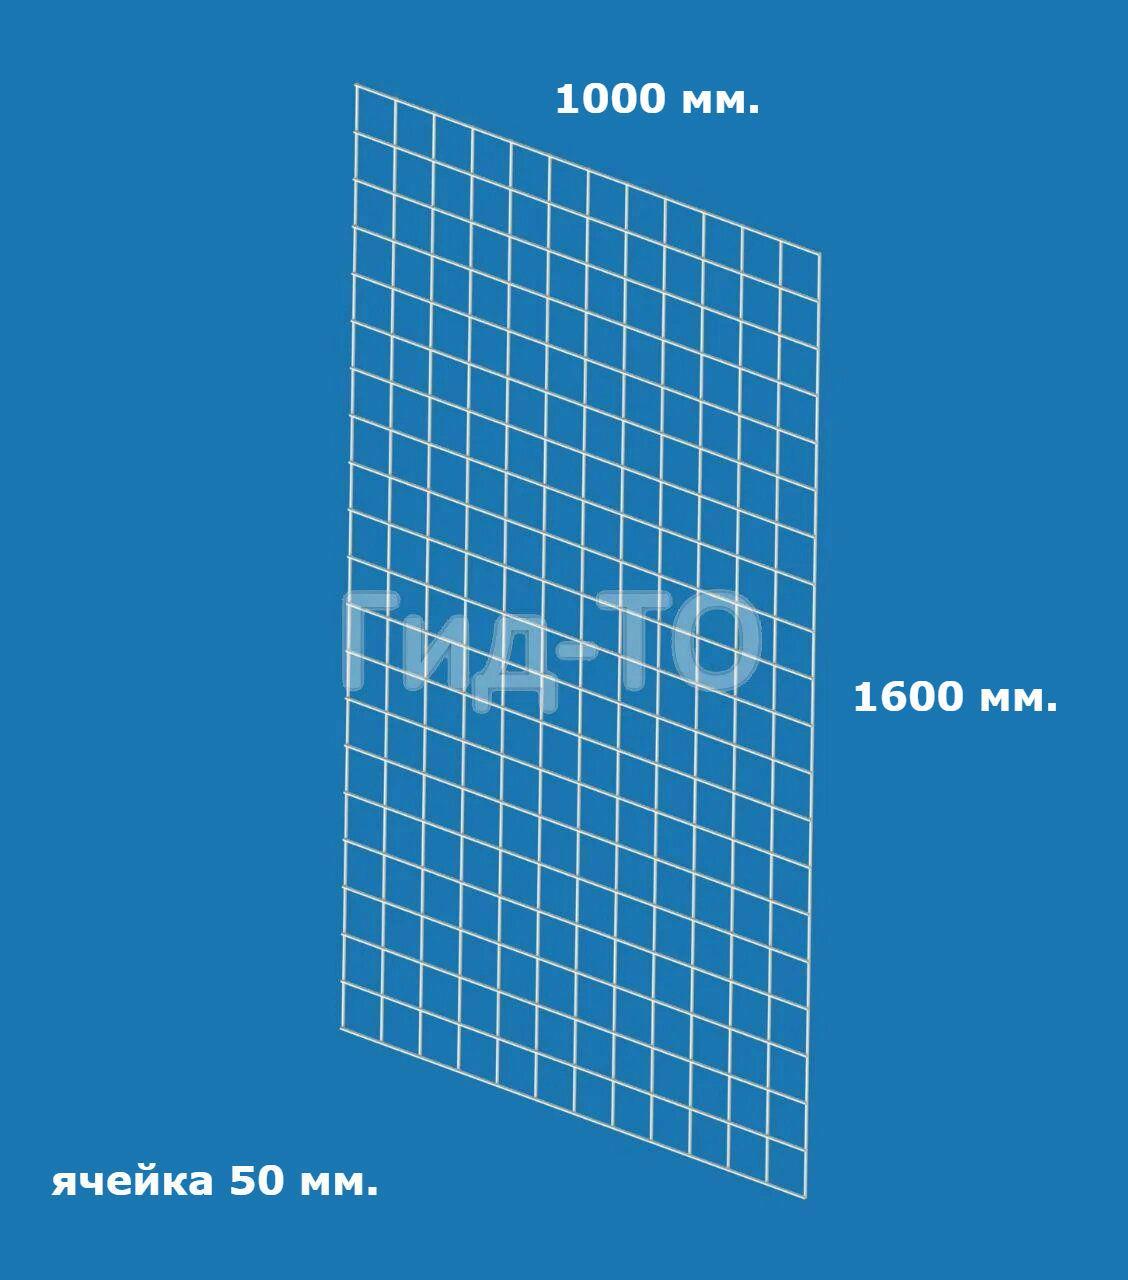 Сетка торговая (1600х1000) ячейка 50 мм.